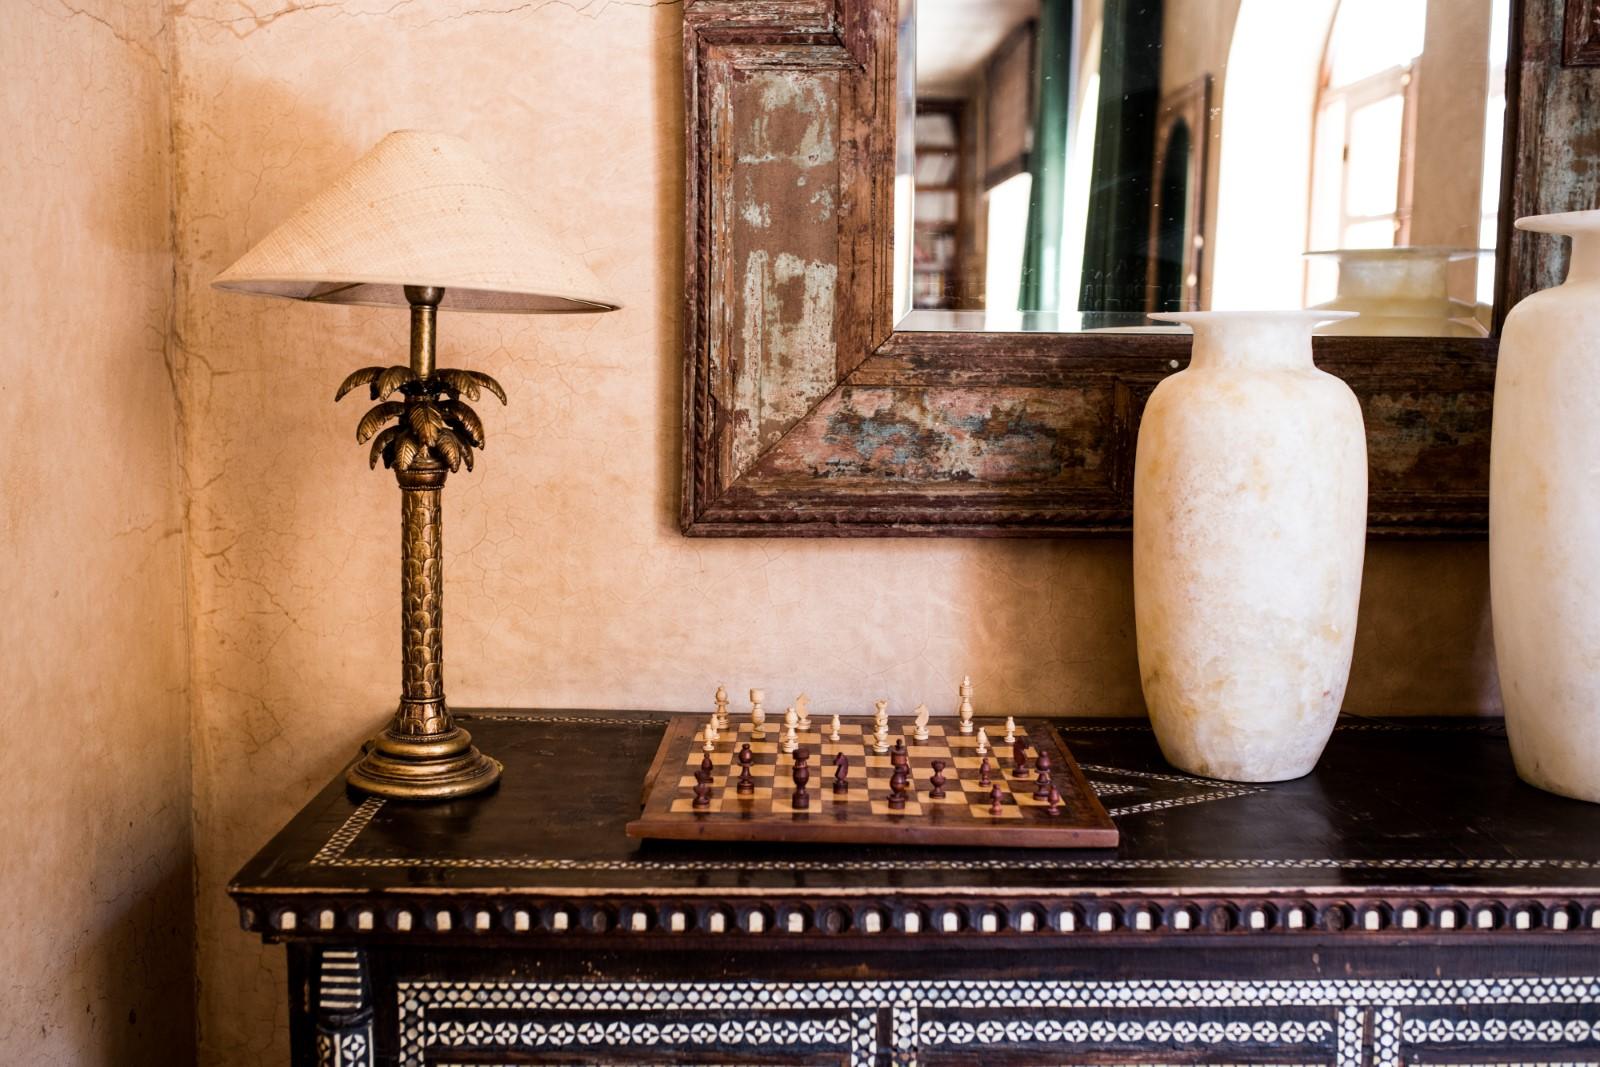 jnane-tamsna-marrakech-morocco-1-14 (WATG Blog)